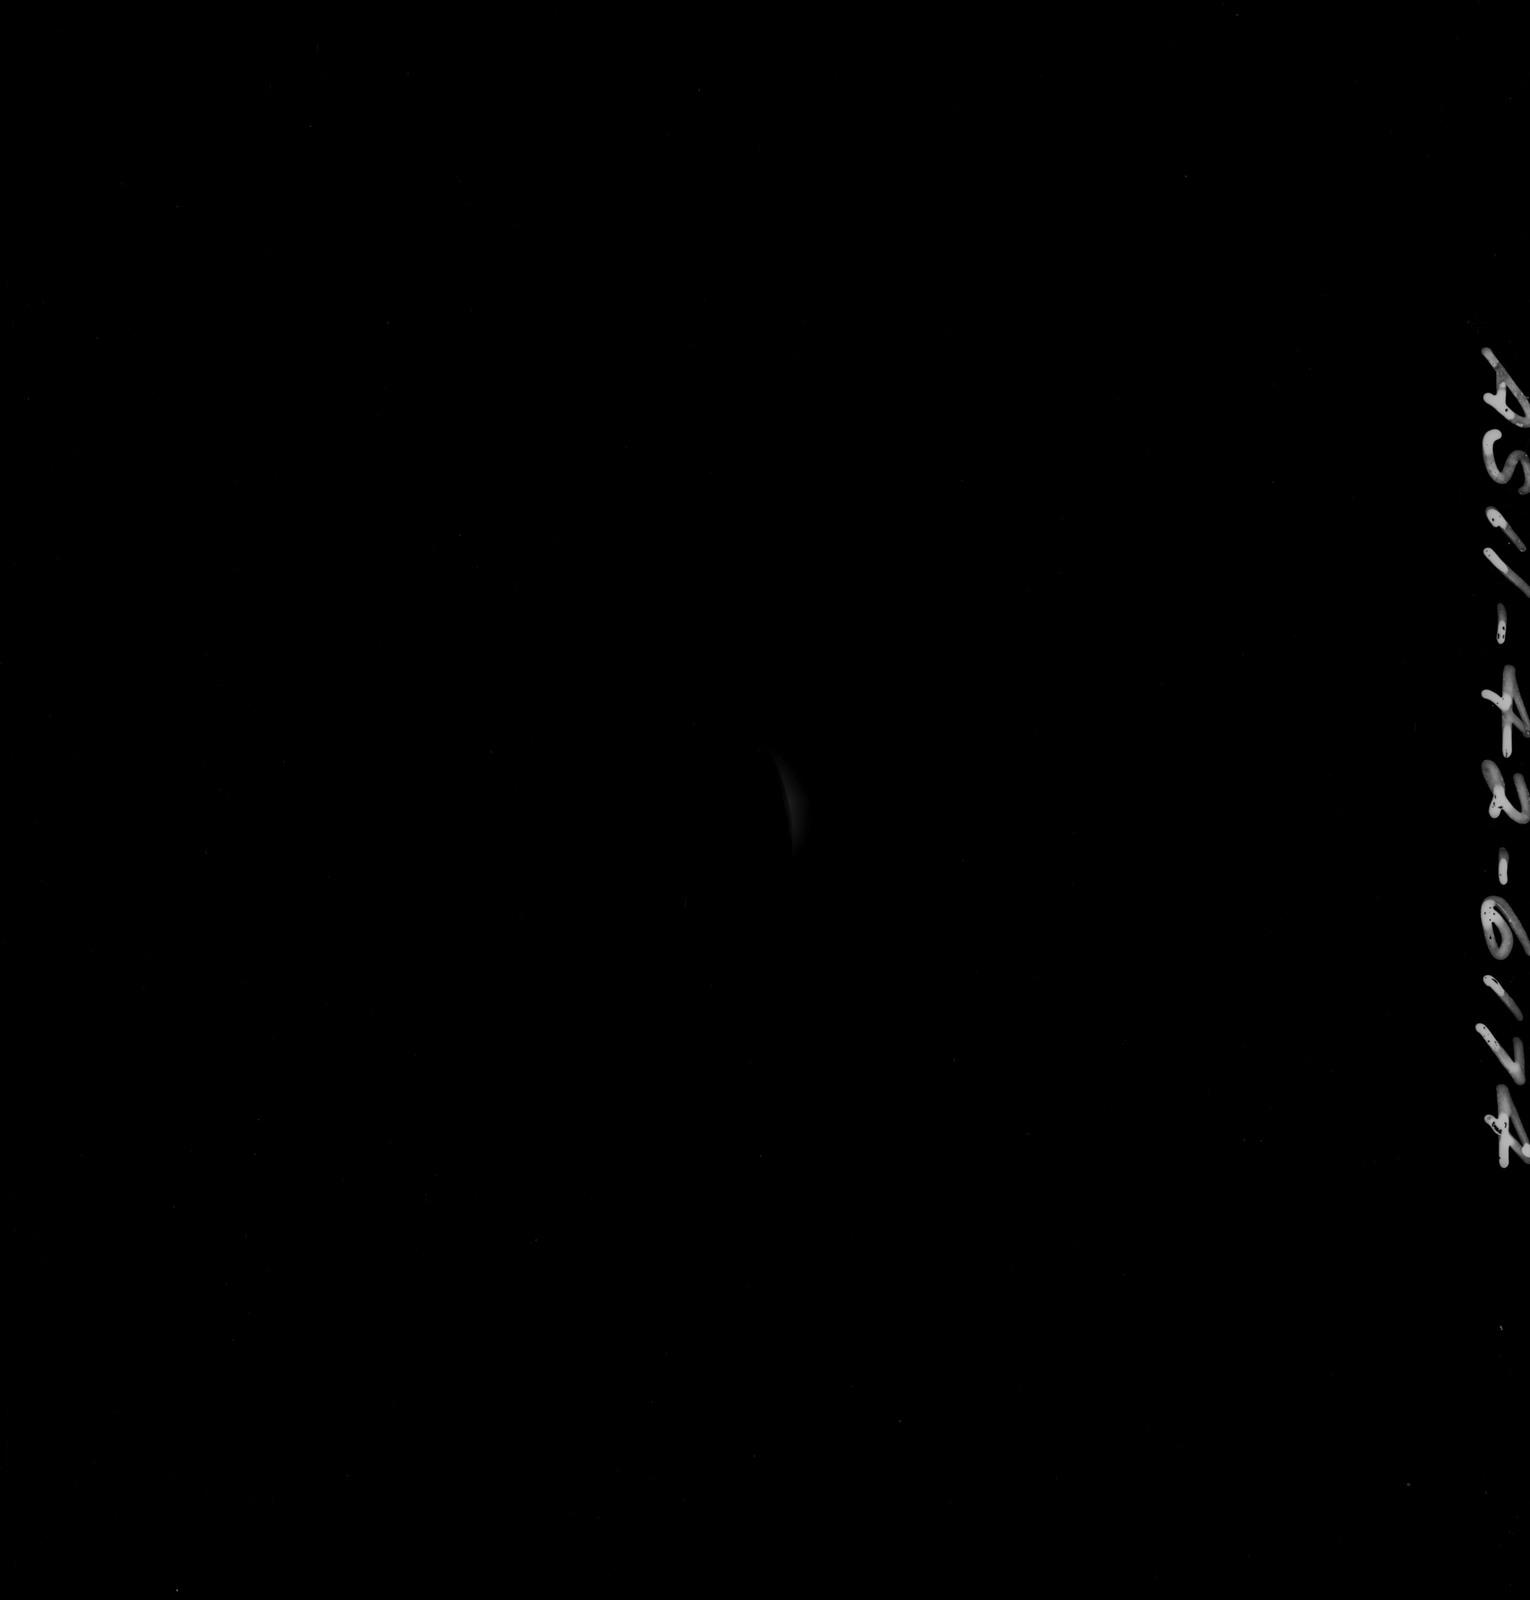 AS11-42-6174 - Apollo 11